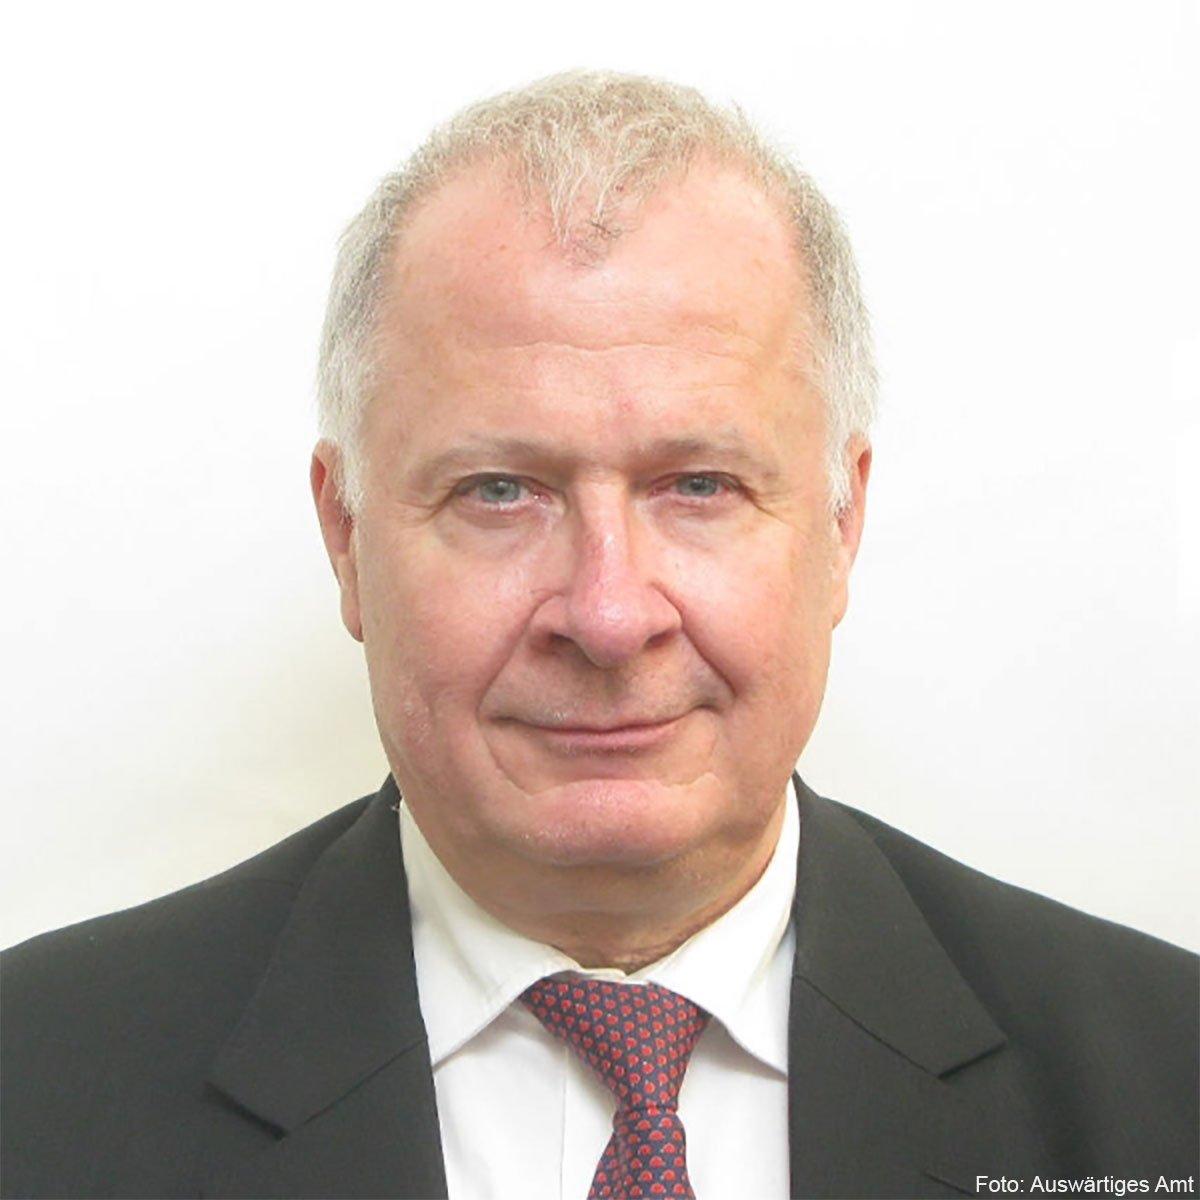 Dr. Thilo Klinner